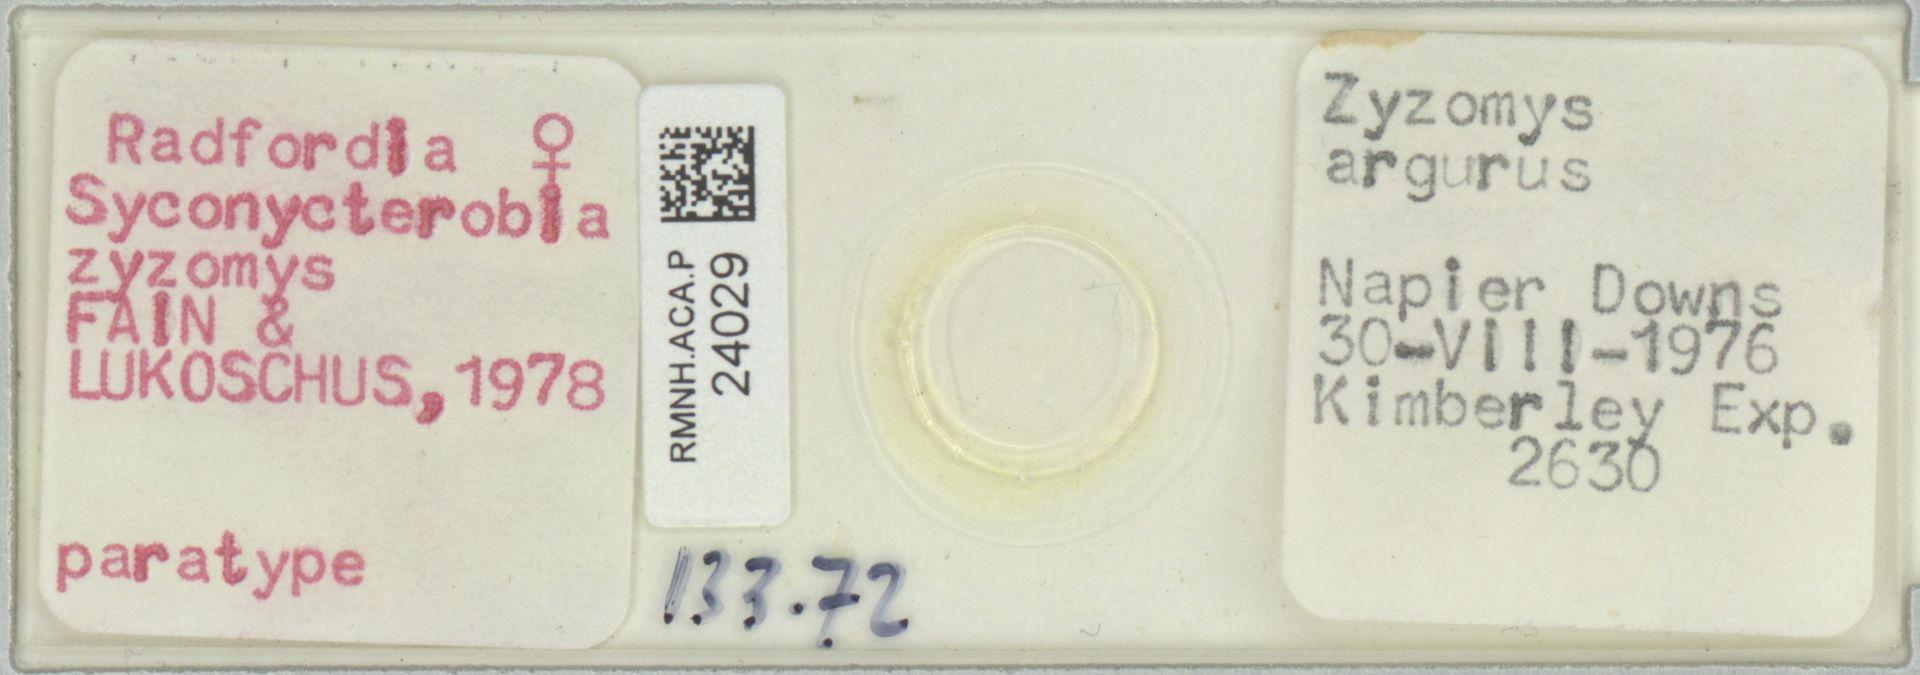 RMNH.ACA.P.24029   Radfordia (Syconycterobia) zyzomys Fain & Lukoschus, 1978